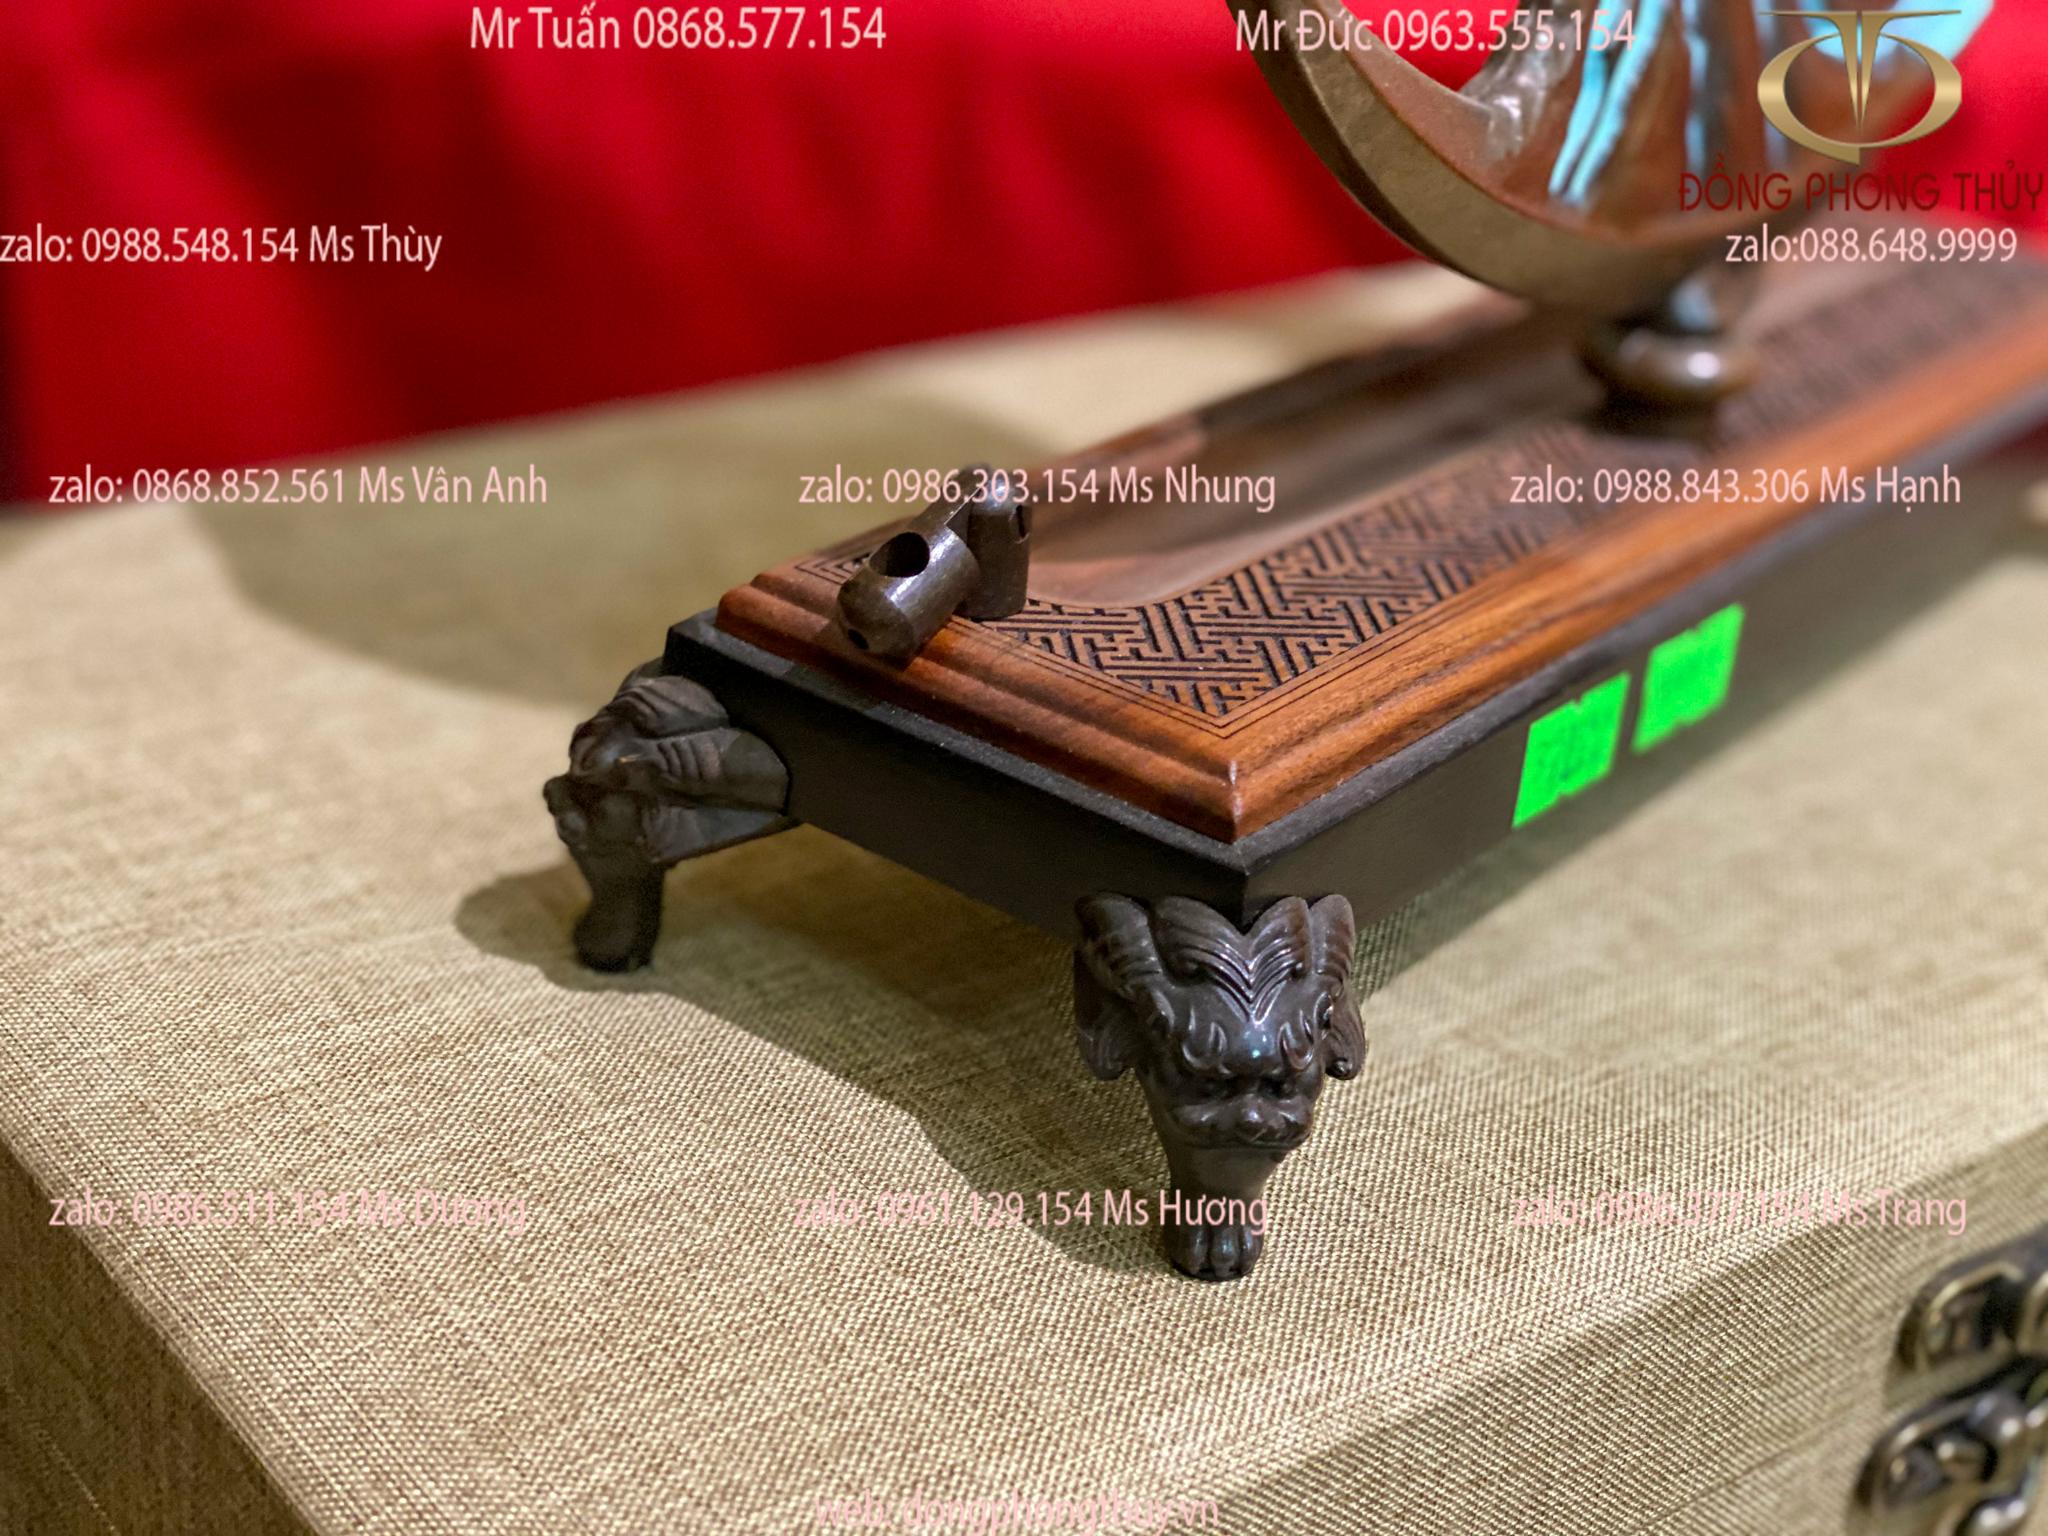 Bộ ngai 5 chén bằng đồng màu hun ngai 29cm